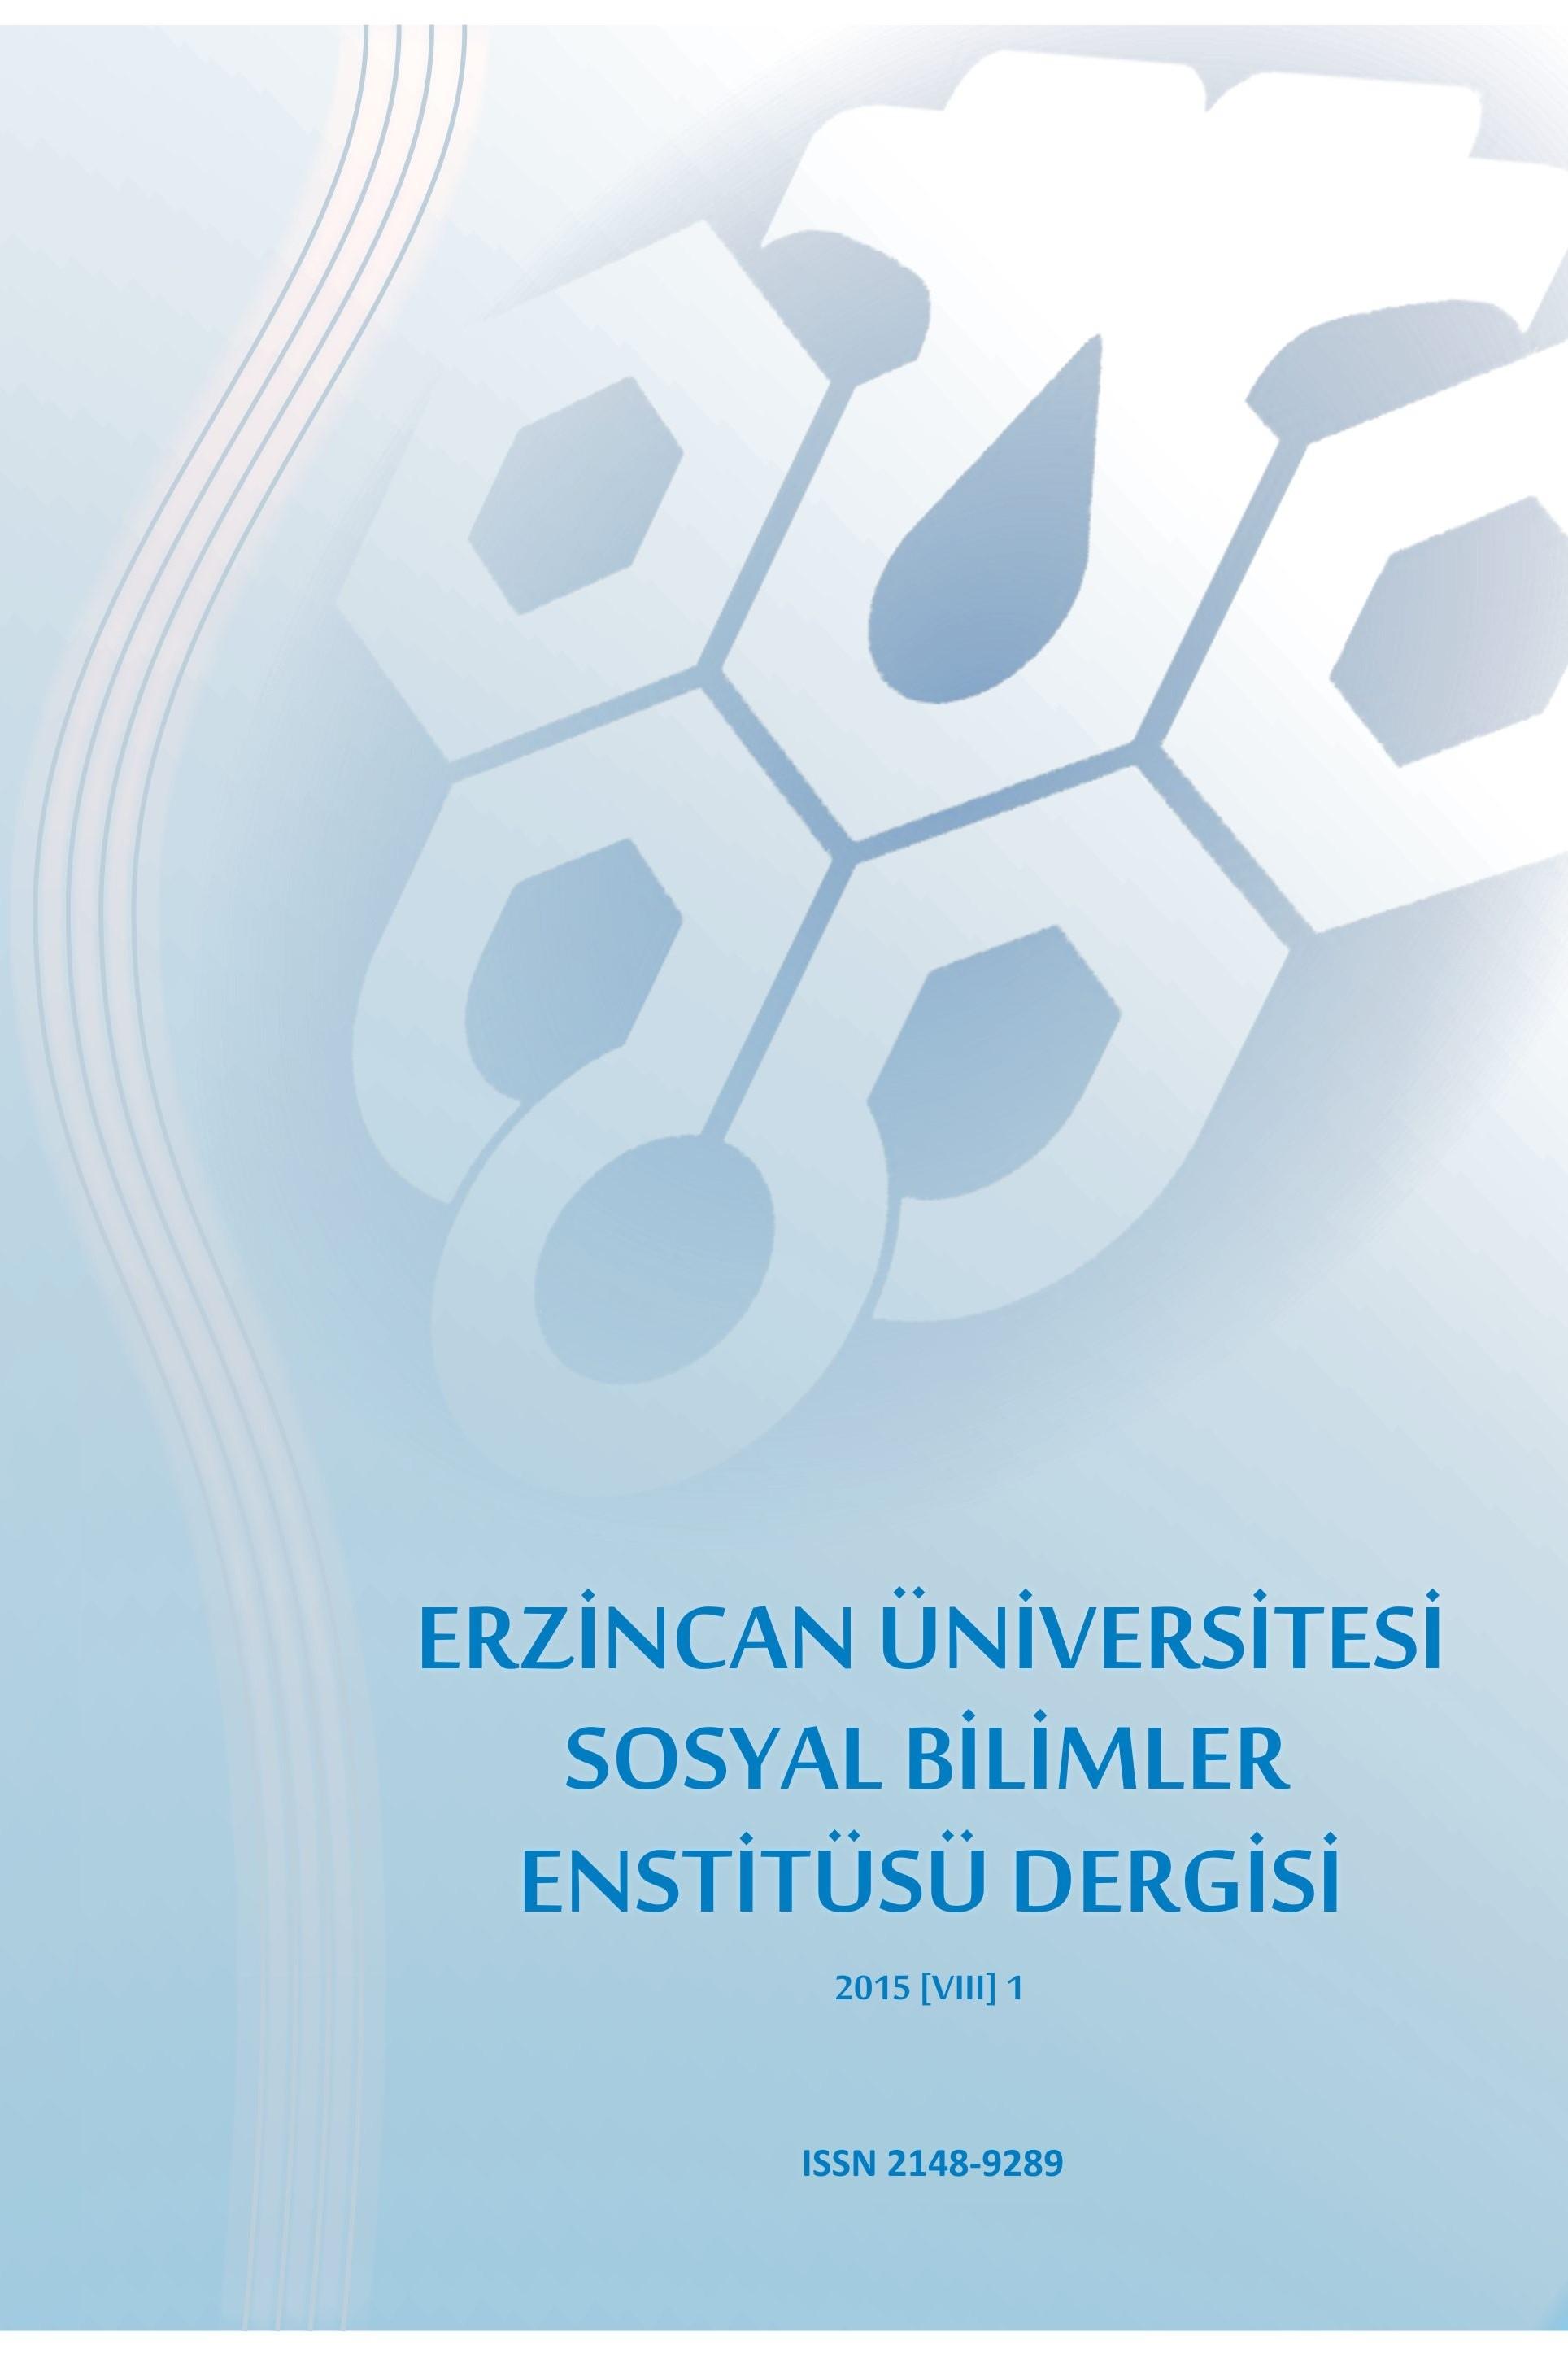 Erzincan Üniversitesi Sosyal Bilimler Enstitüsü Dergisi